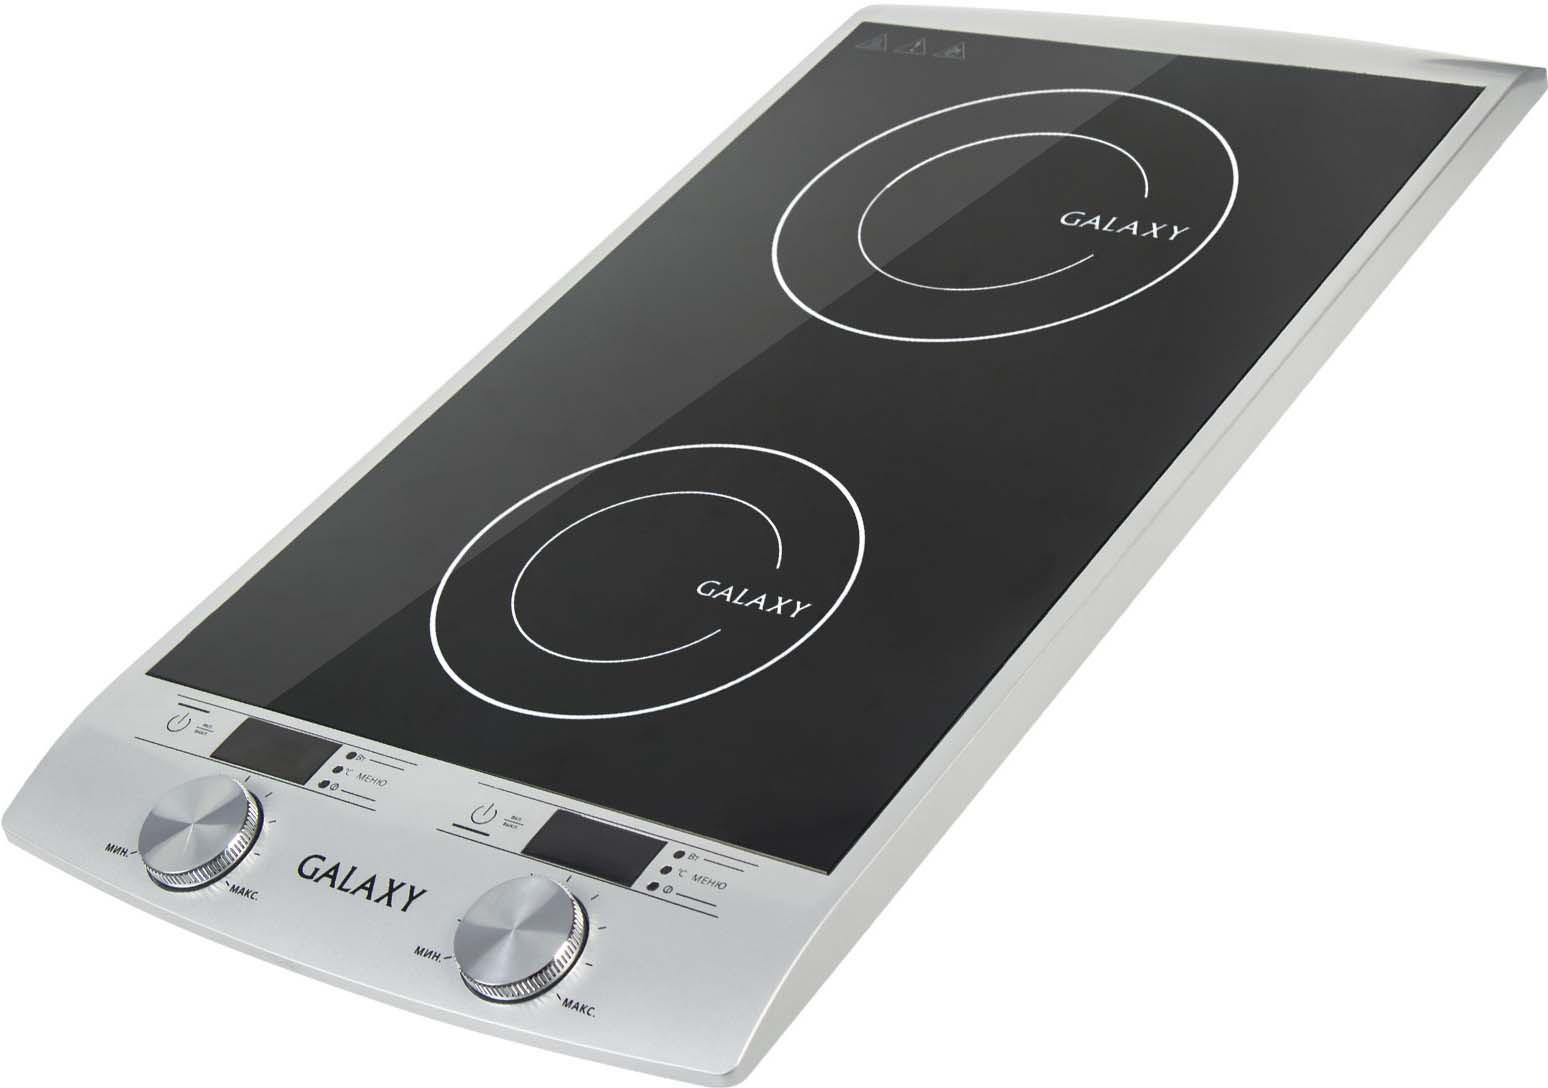 Настольная индукционная плита Galaxy GL 3057, цвет: черный, серый